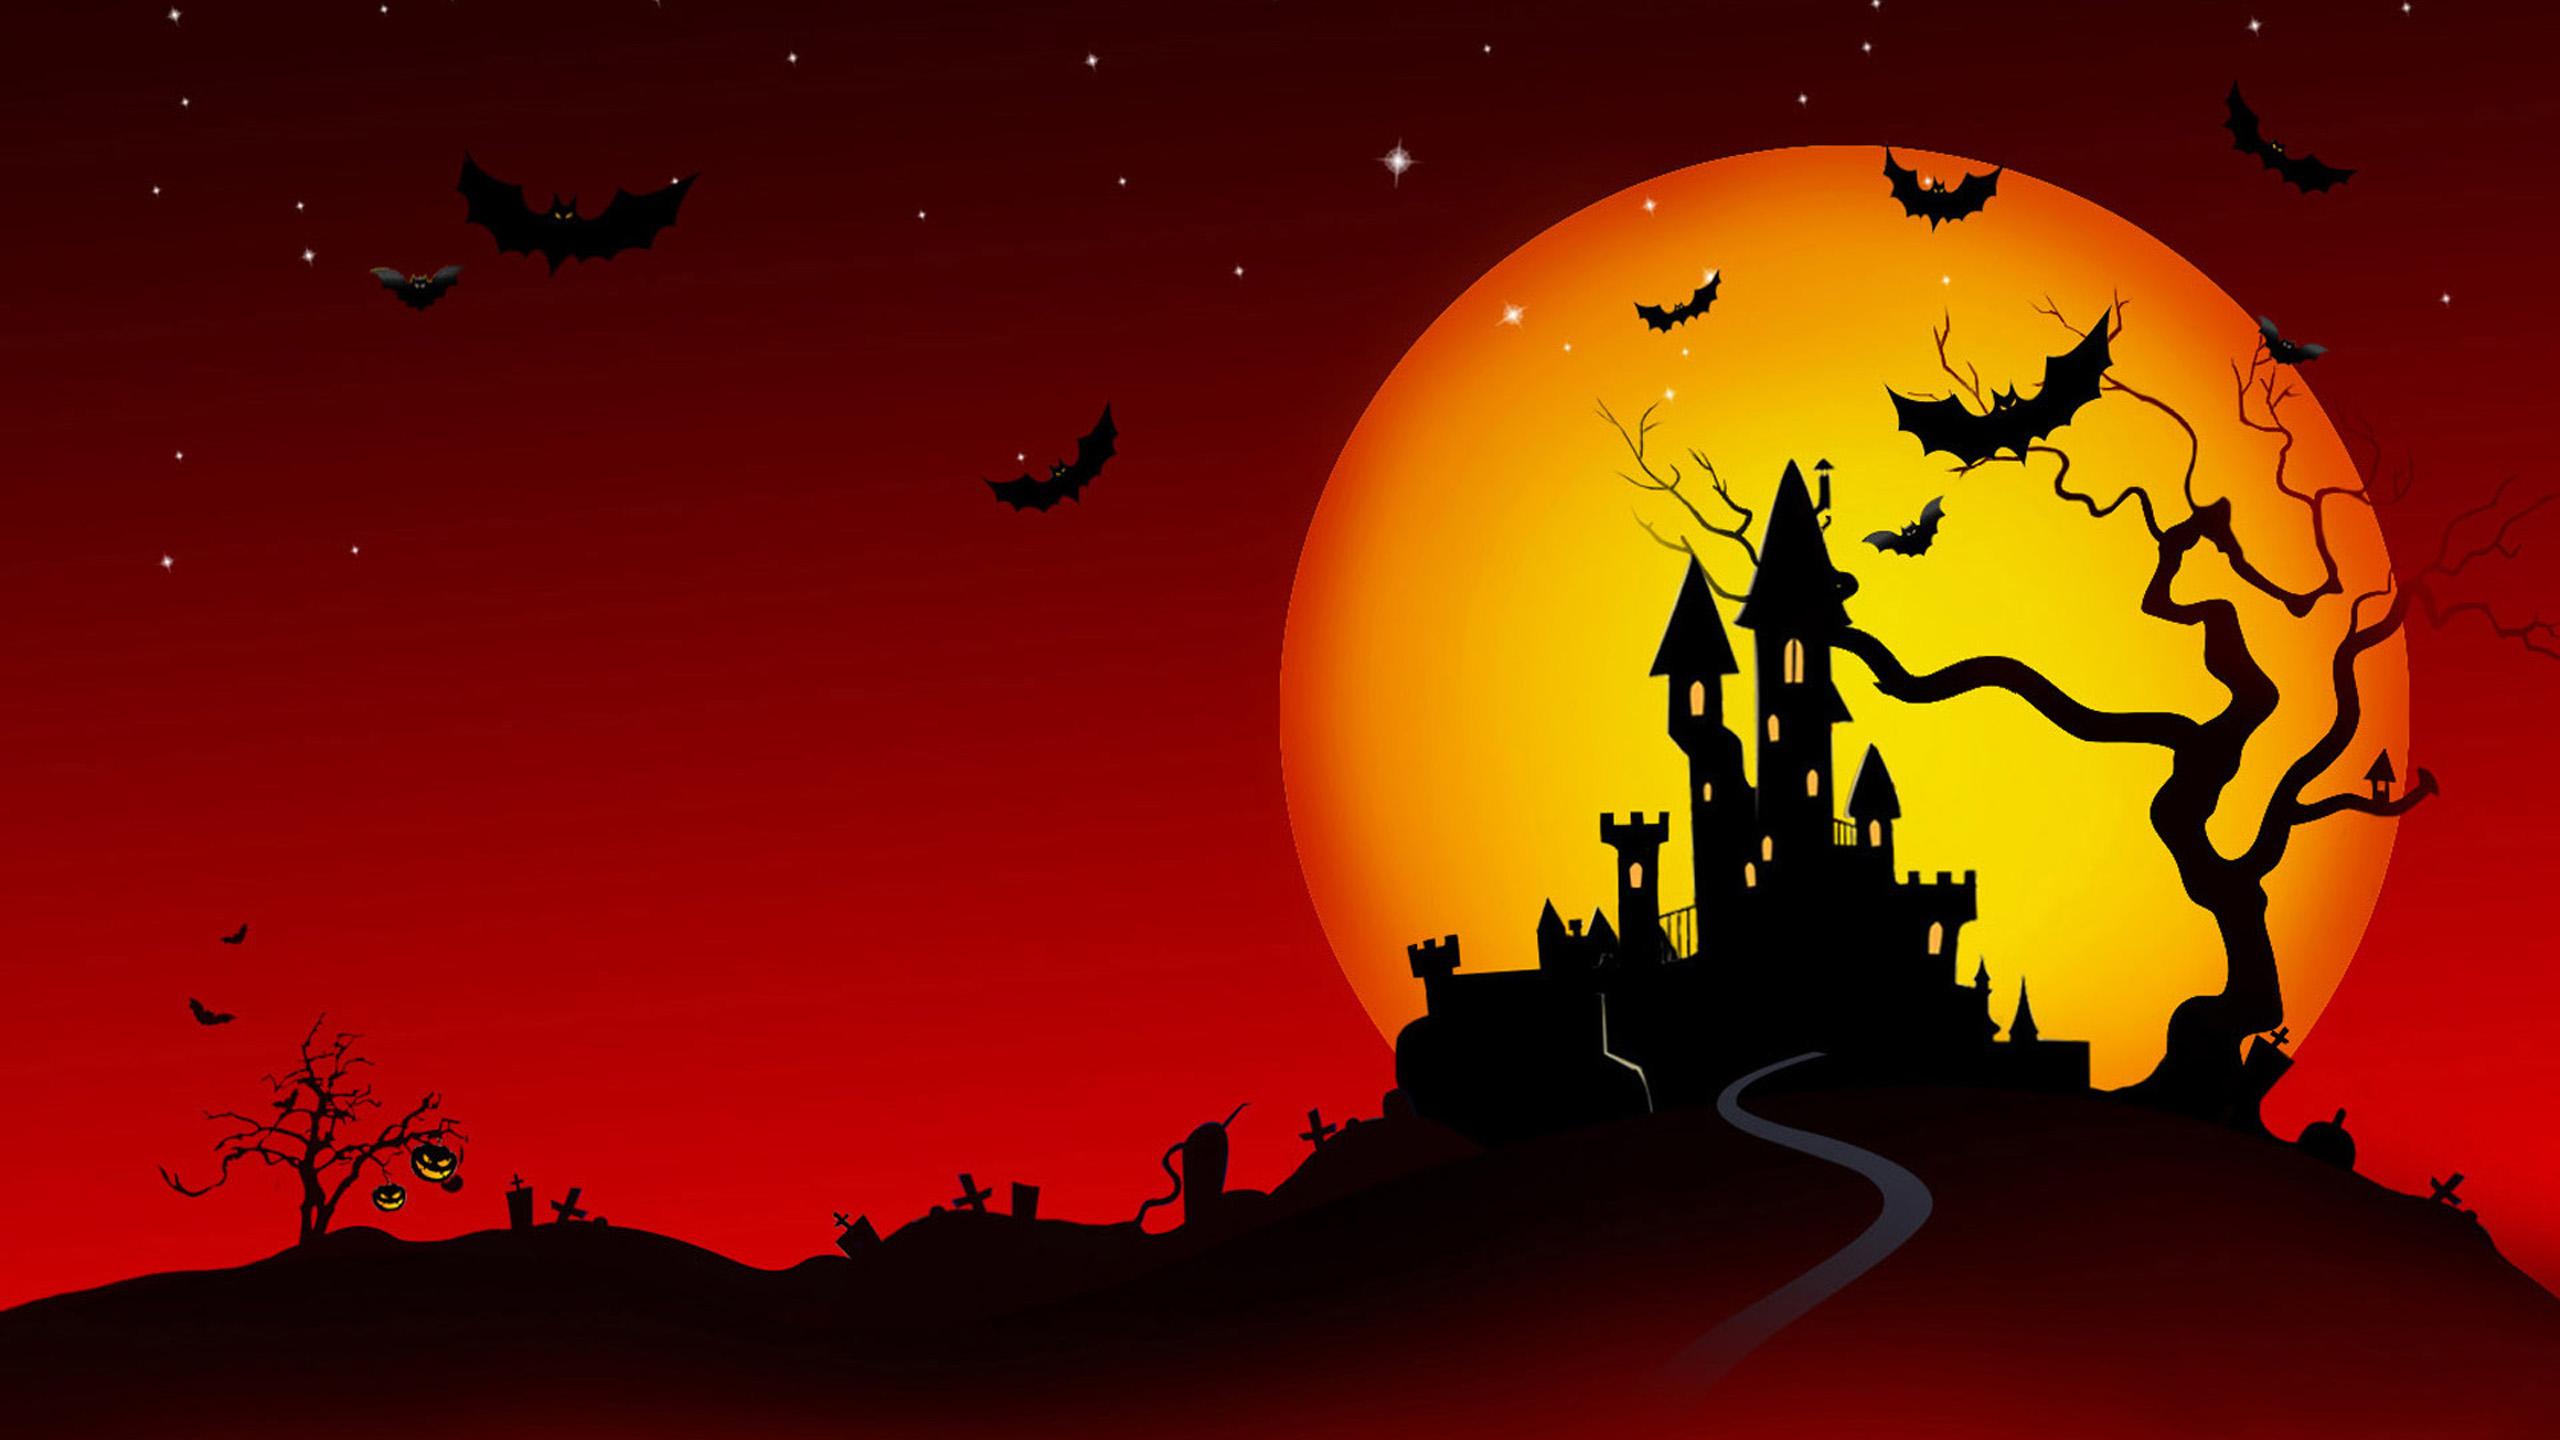 red-bat-horror-2k-backgrounds